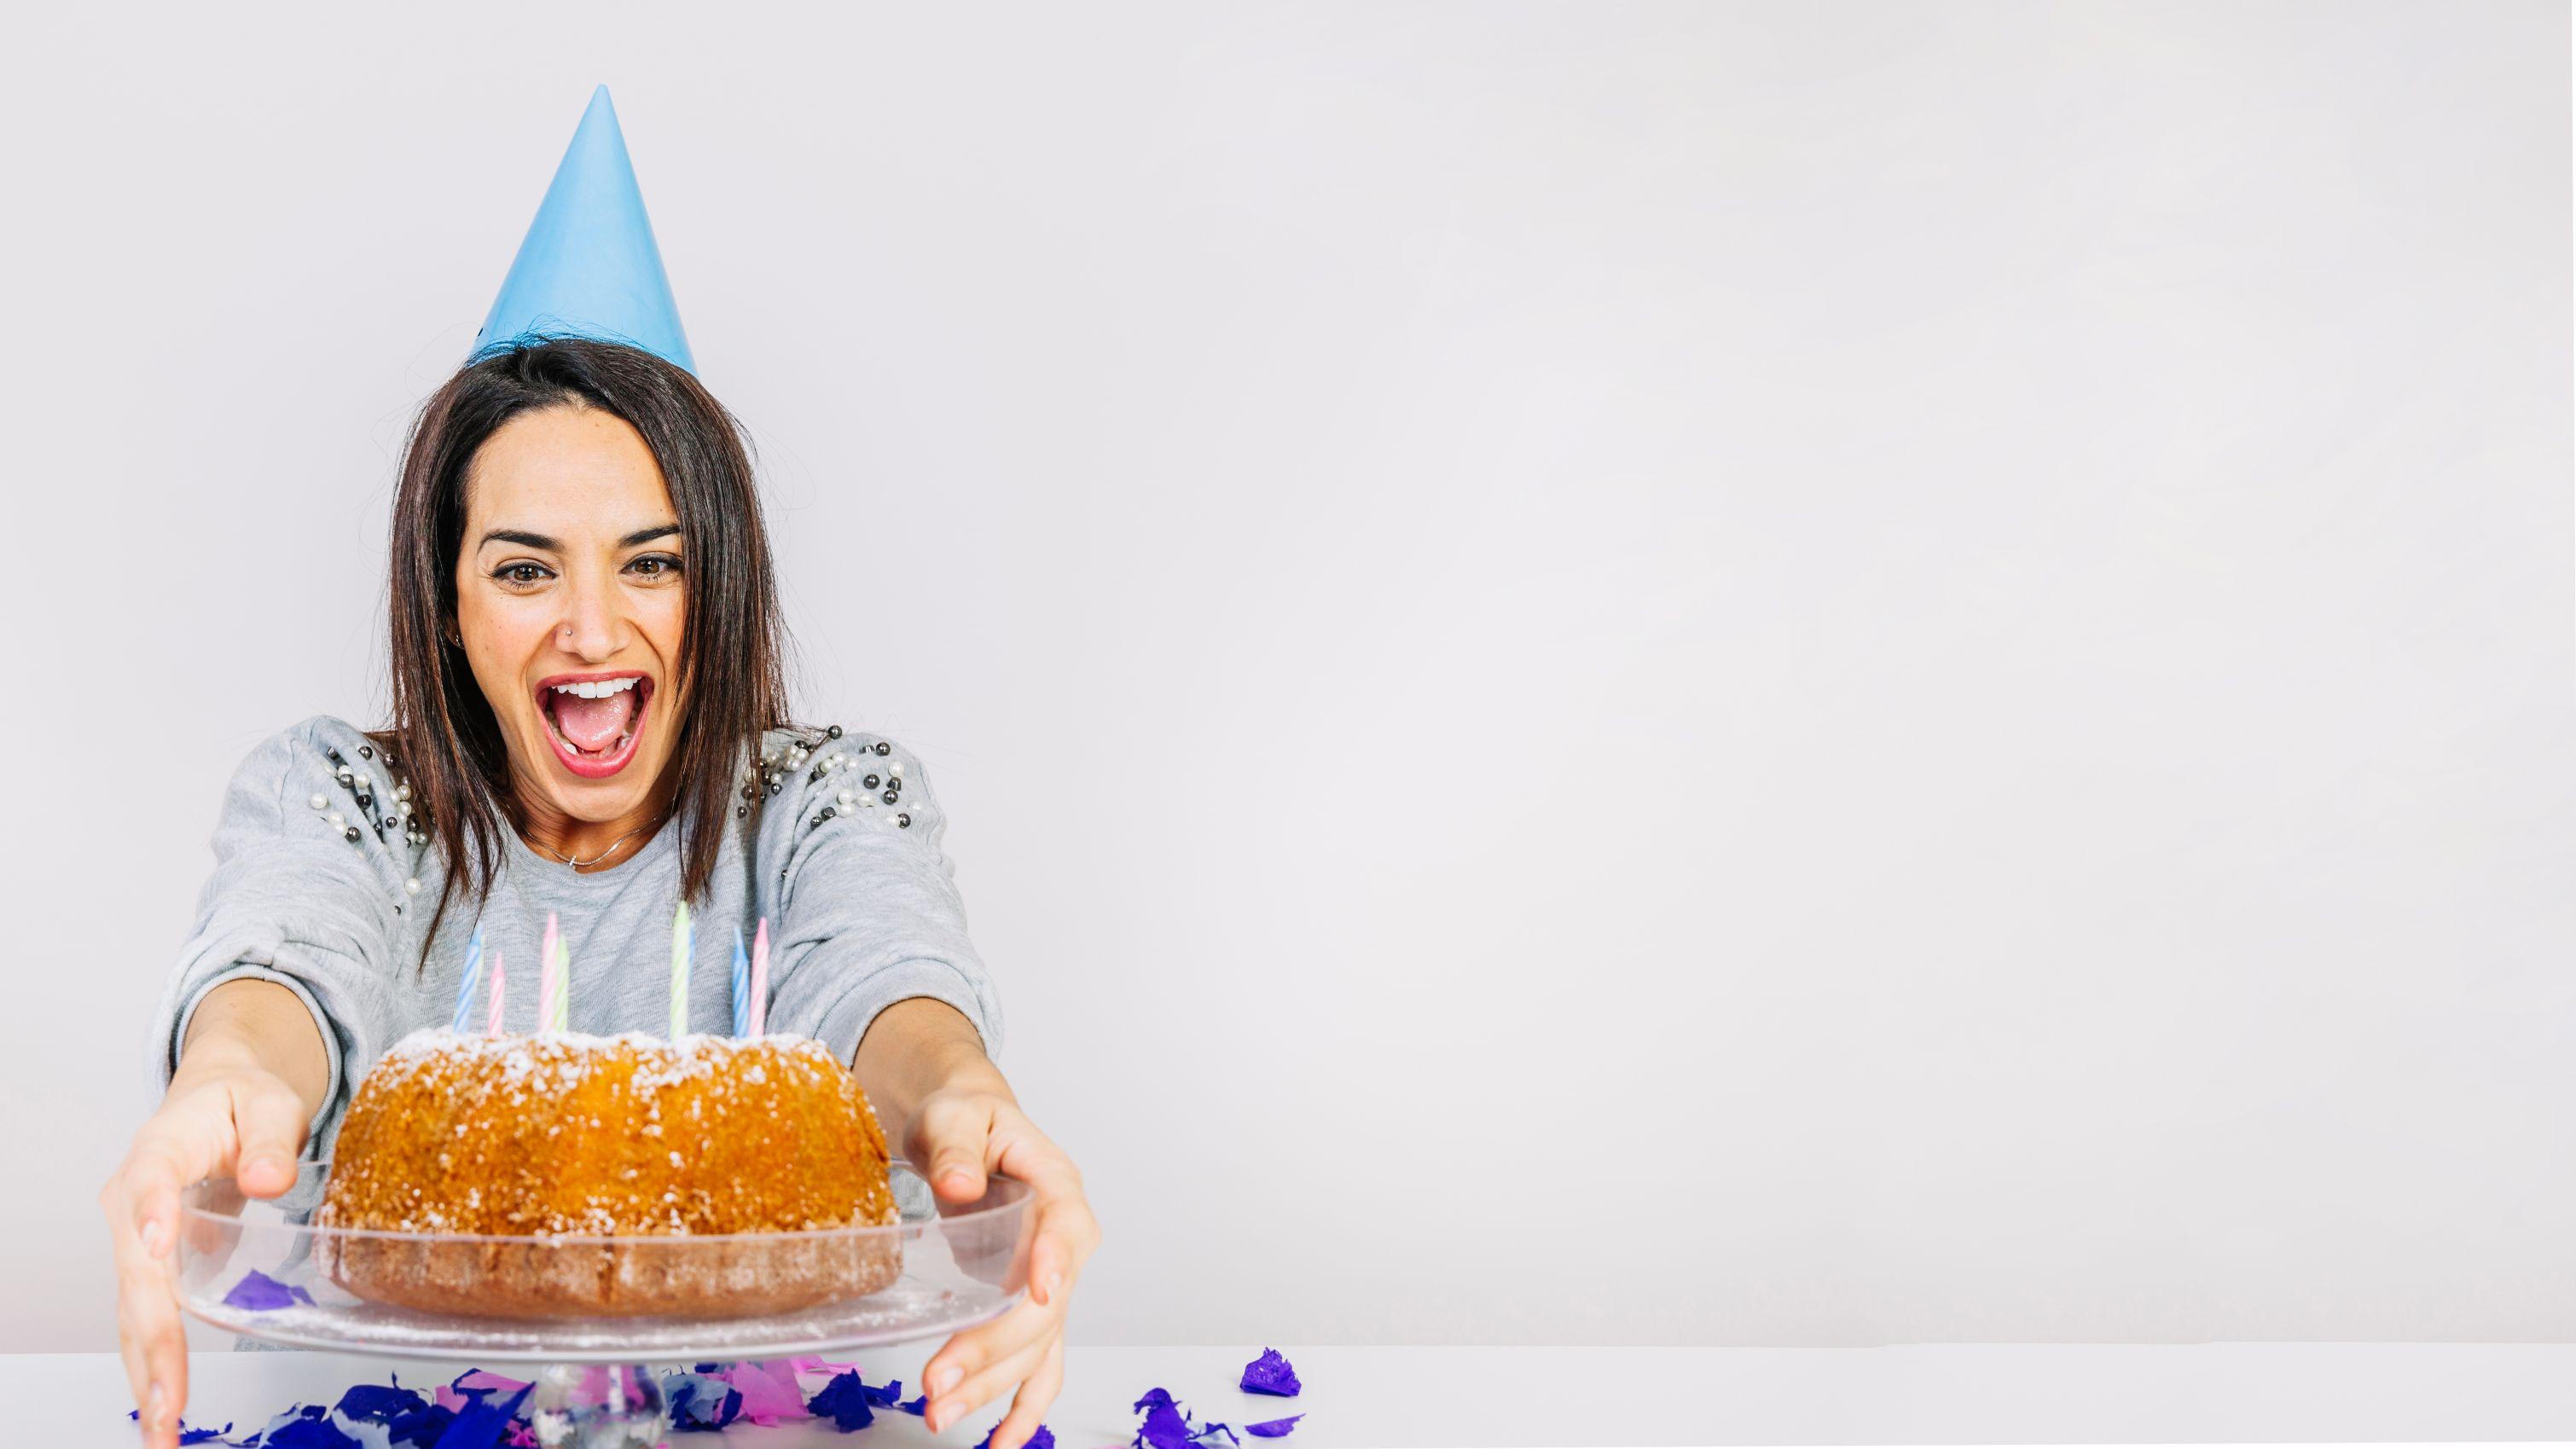 מסיבת יום הולדת 30